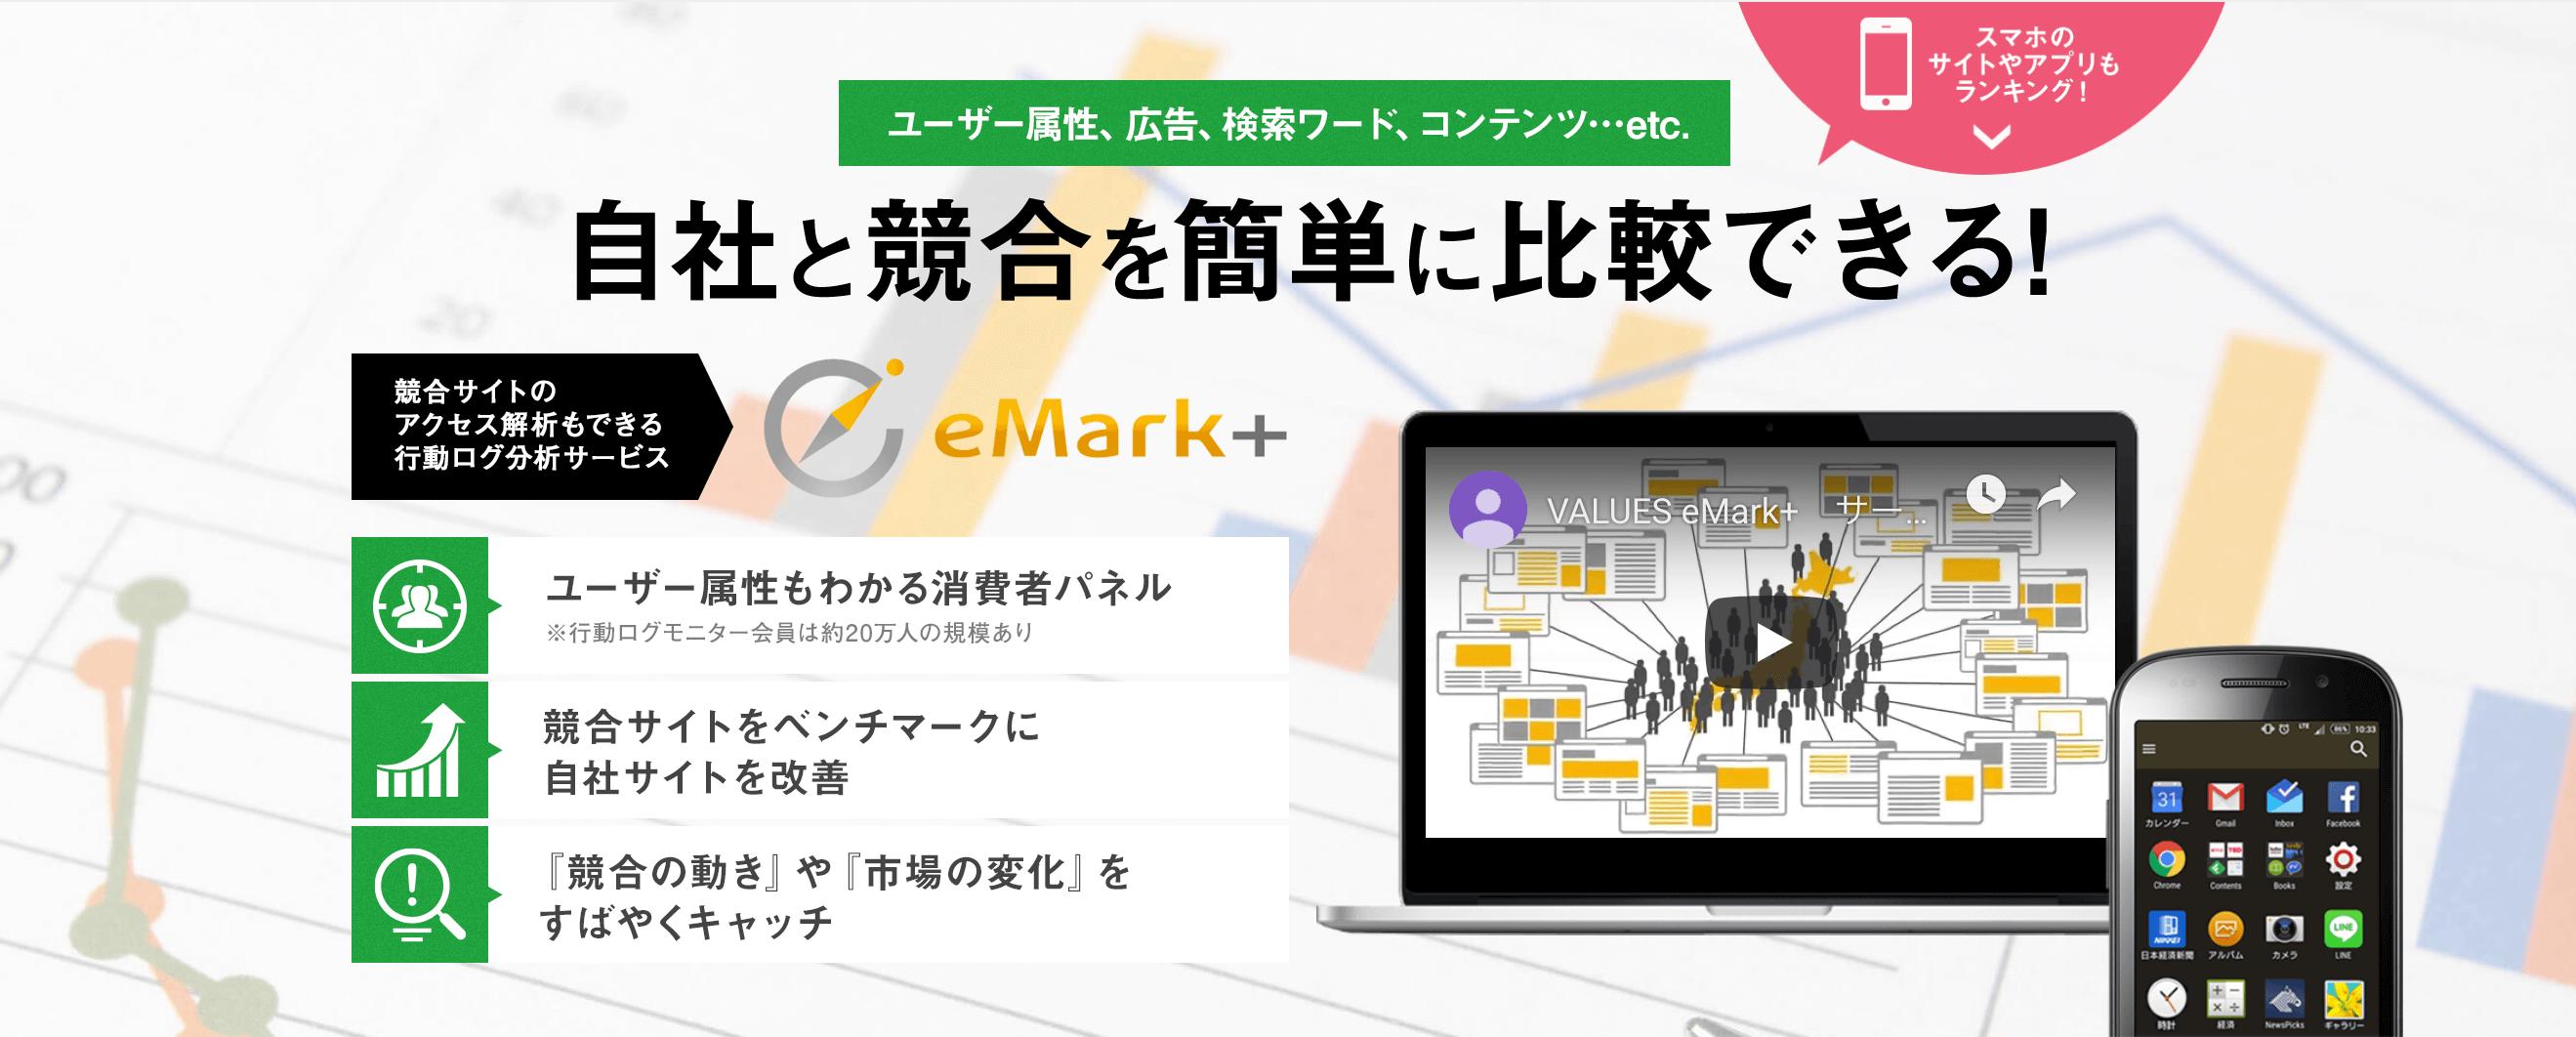 競合サイトの流入経路を分析するツール「eMark+」